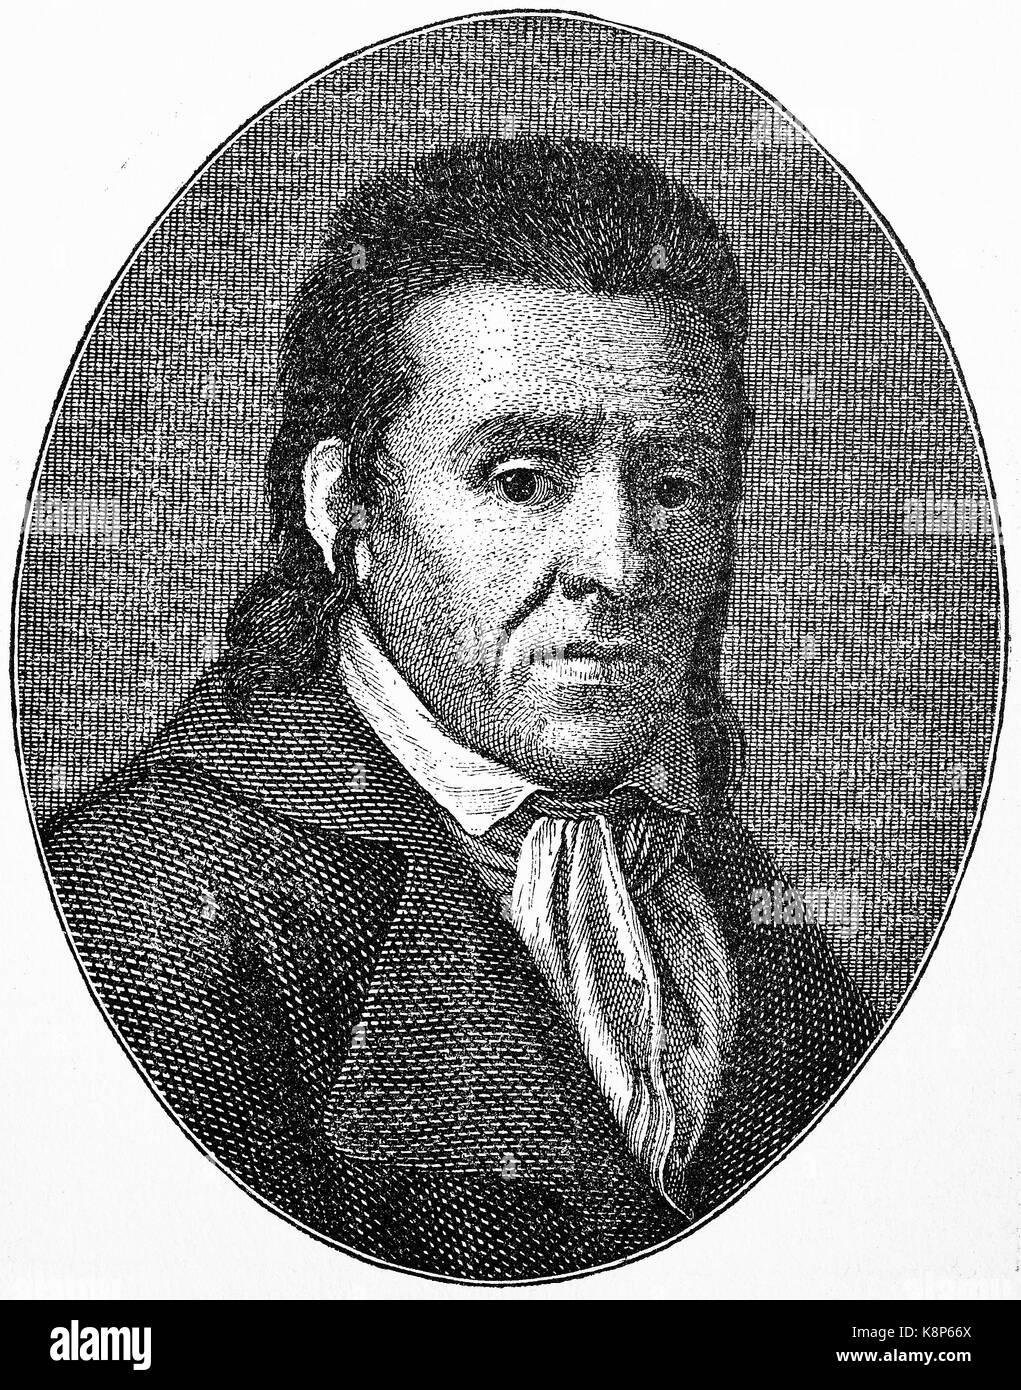 Johann Heinrich Pestalozzi, 1746 - 1827, Schweizer Pädagoge und pädagogischen Reformator, Romantik in Stockbild